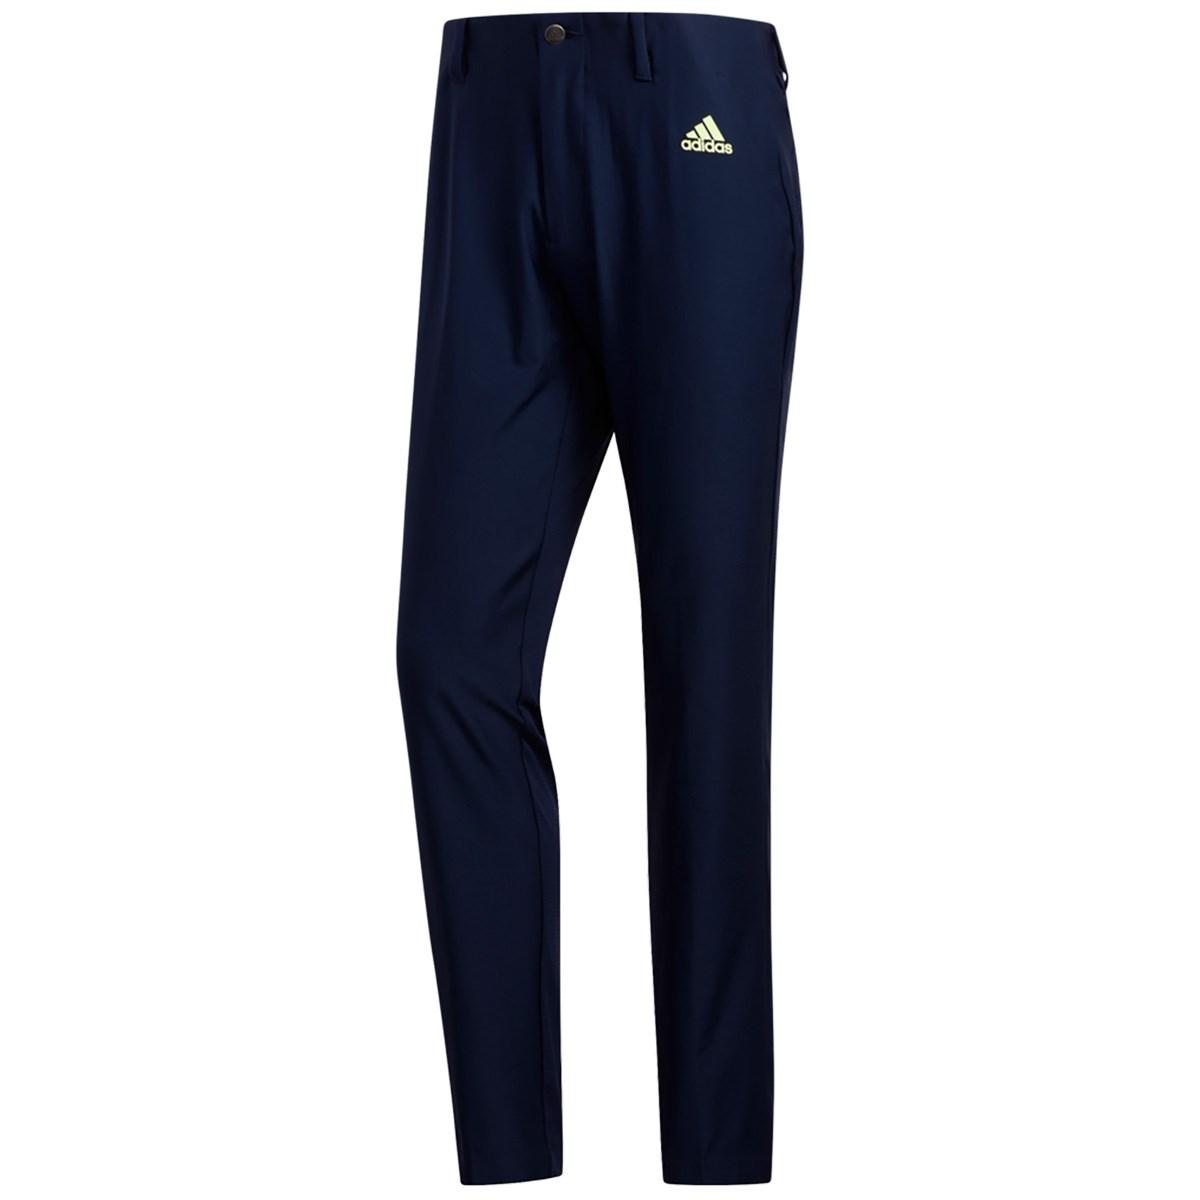 アディダス Adidas メルタウェイ ベンチレーション パンツ O カレッジネイビー